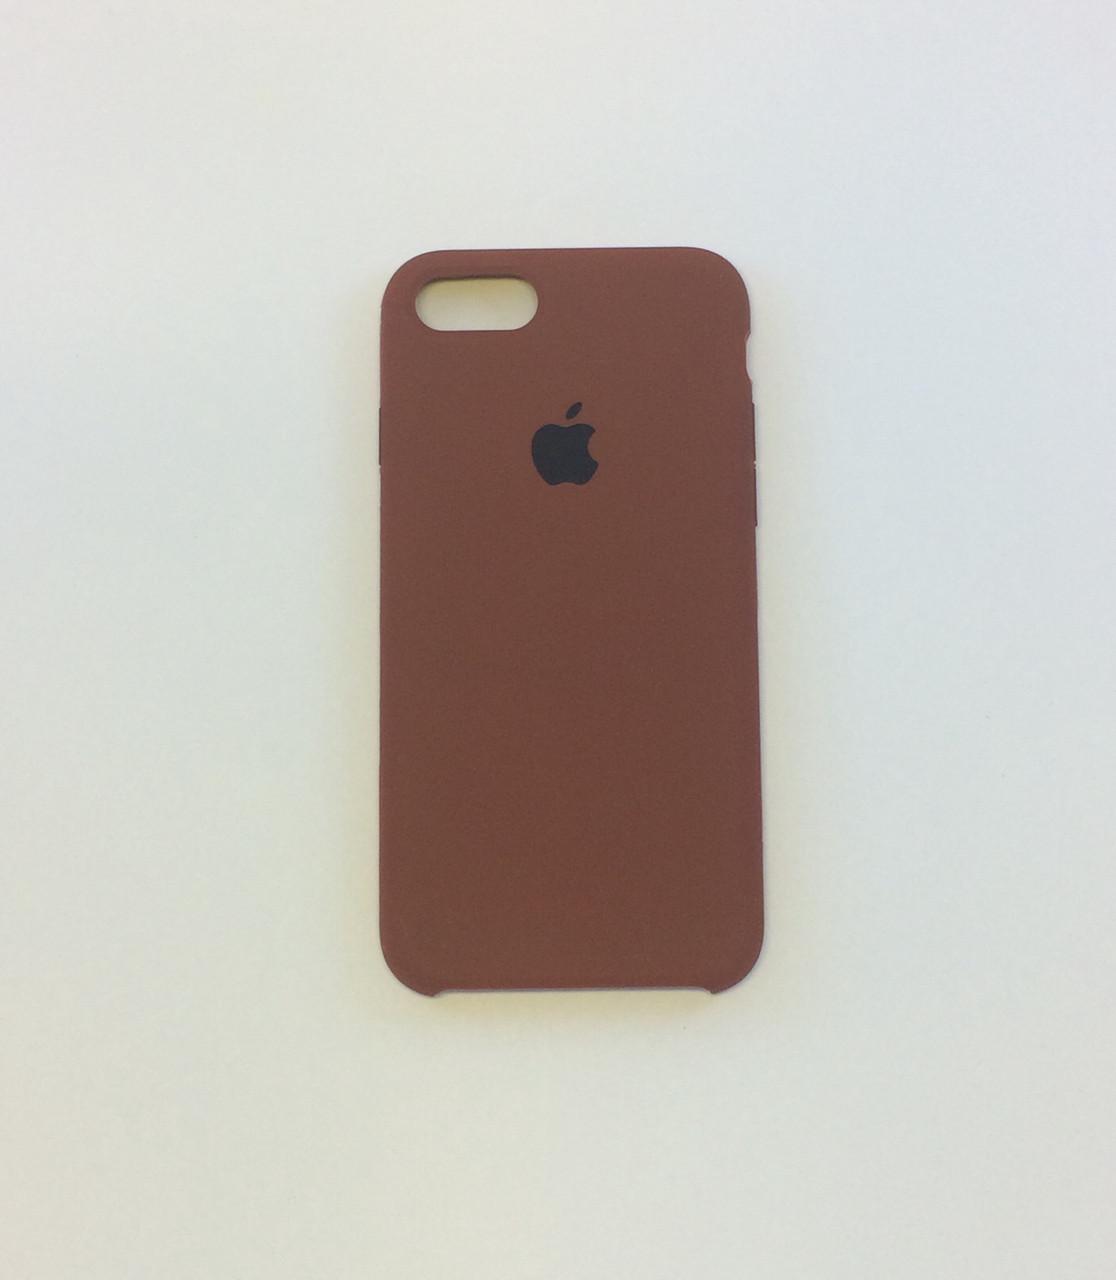 Силиконовый чехол для iPhone 8 Plus, - «шоколад» №47 - copy original